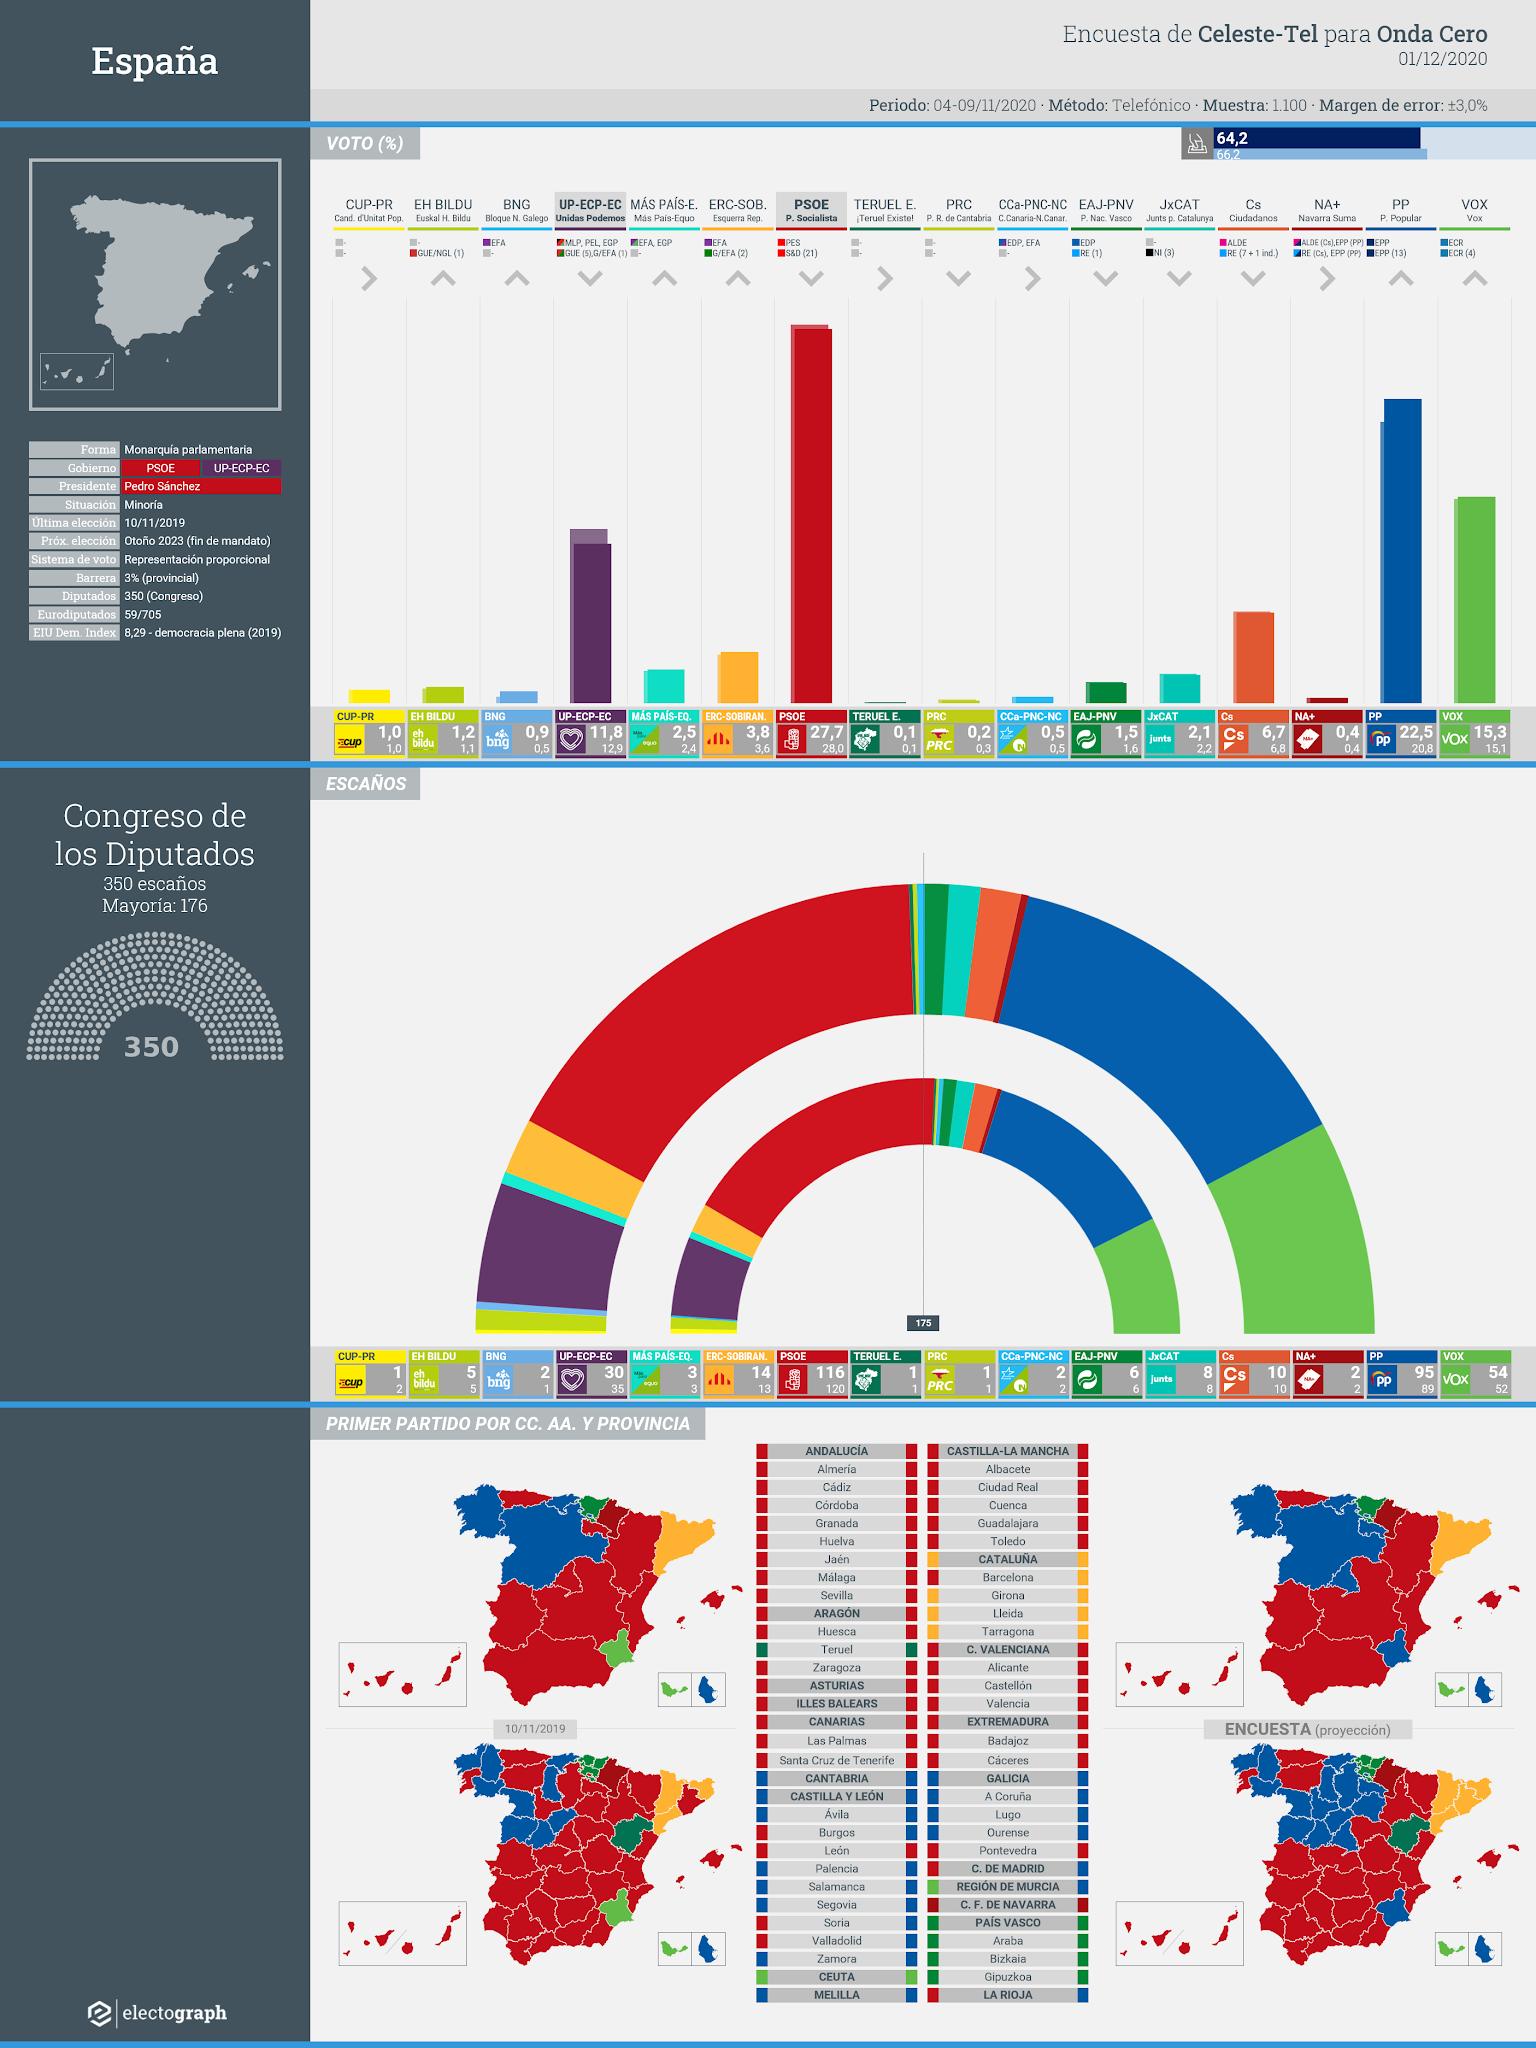 Gráfico de la encuesta para elecciones generales en España realizada por Celeste-Tel, 1 de diciembre de 2020